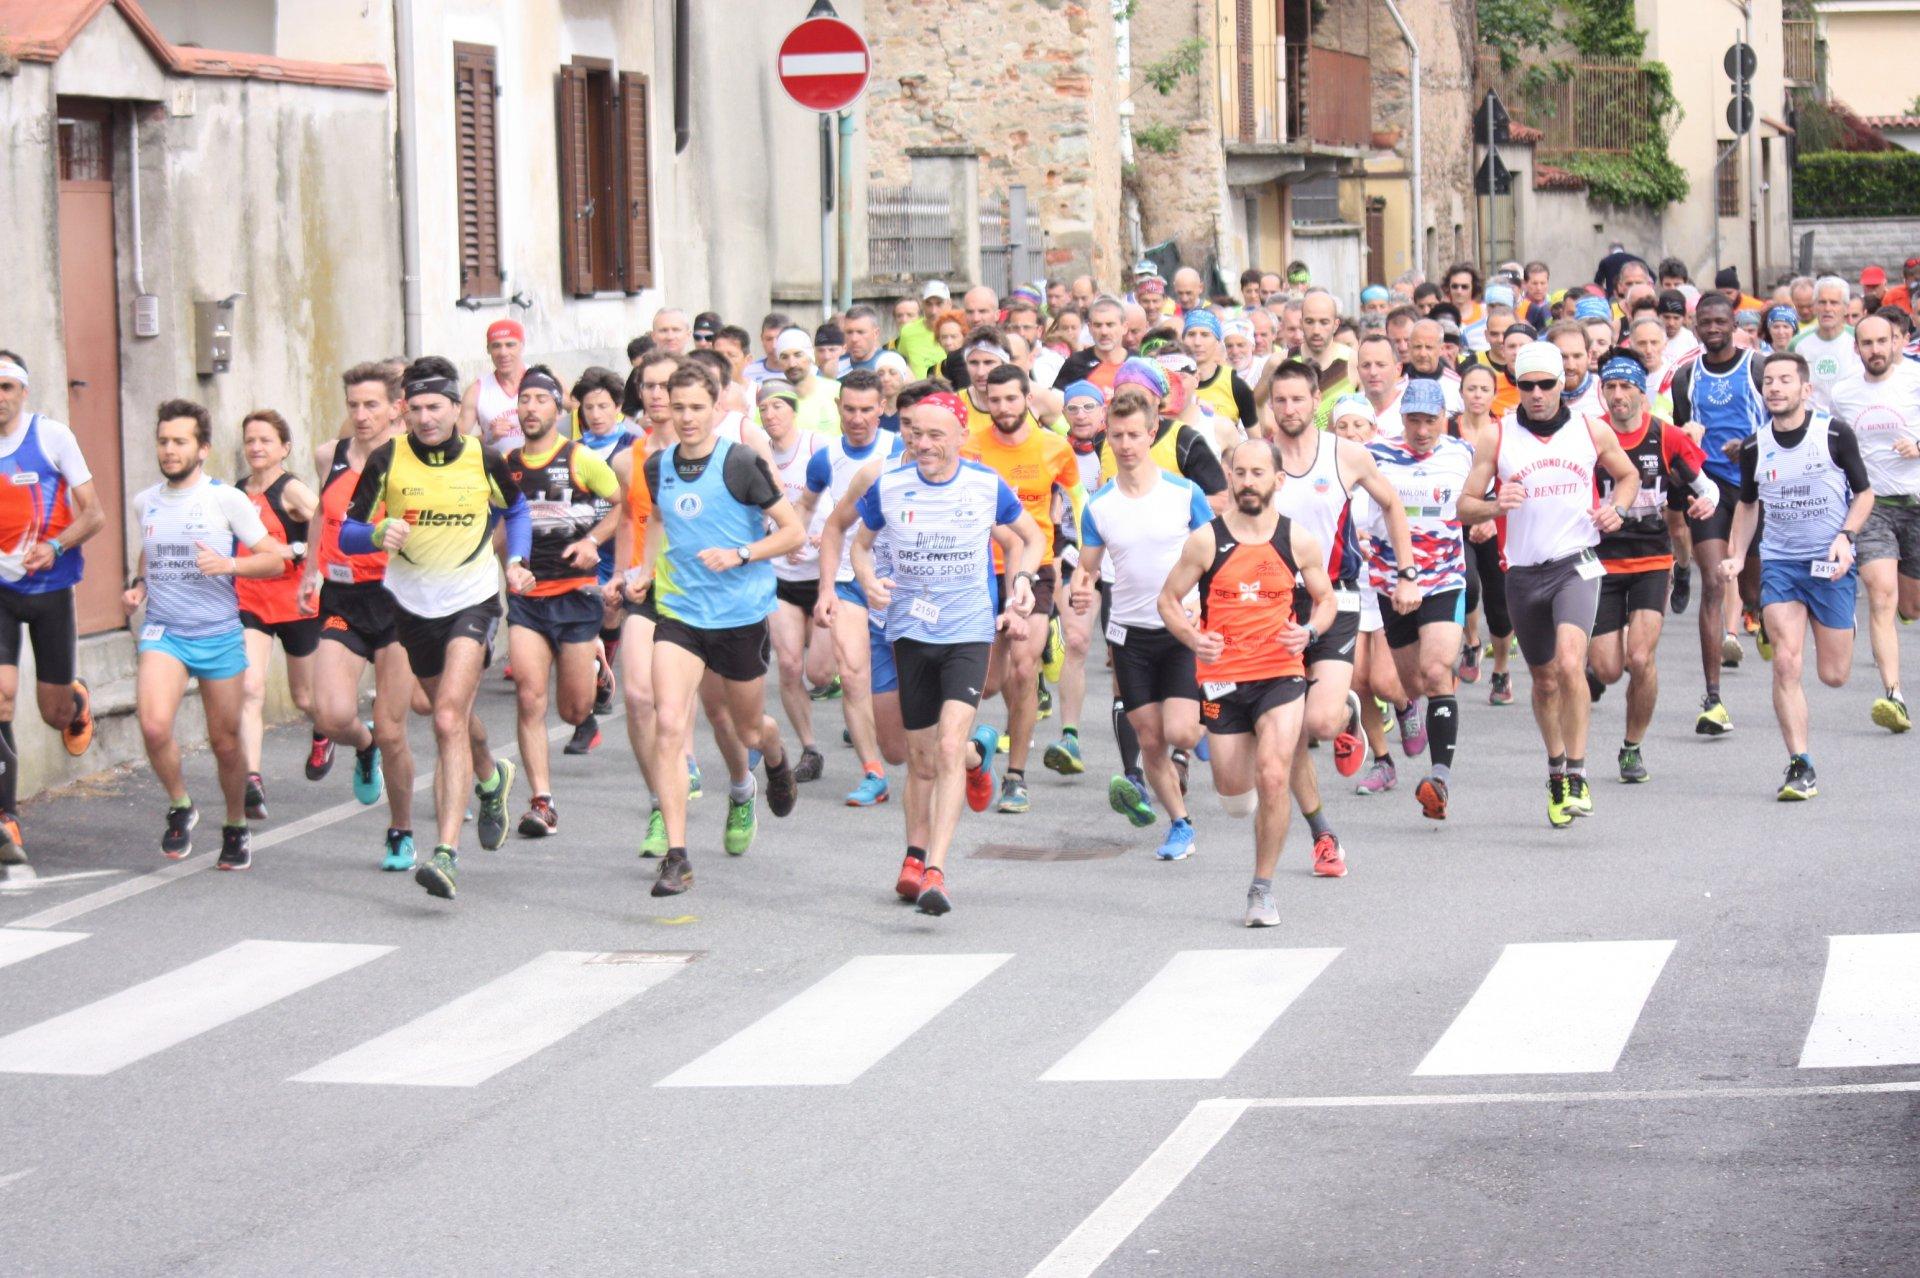 Calendario Podismo Piemonte.Podismo Ed Atletica In Alto Canavese Ecco I Prossimi Eventi